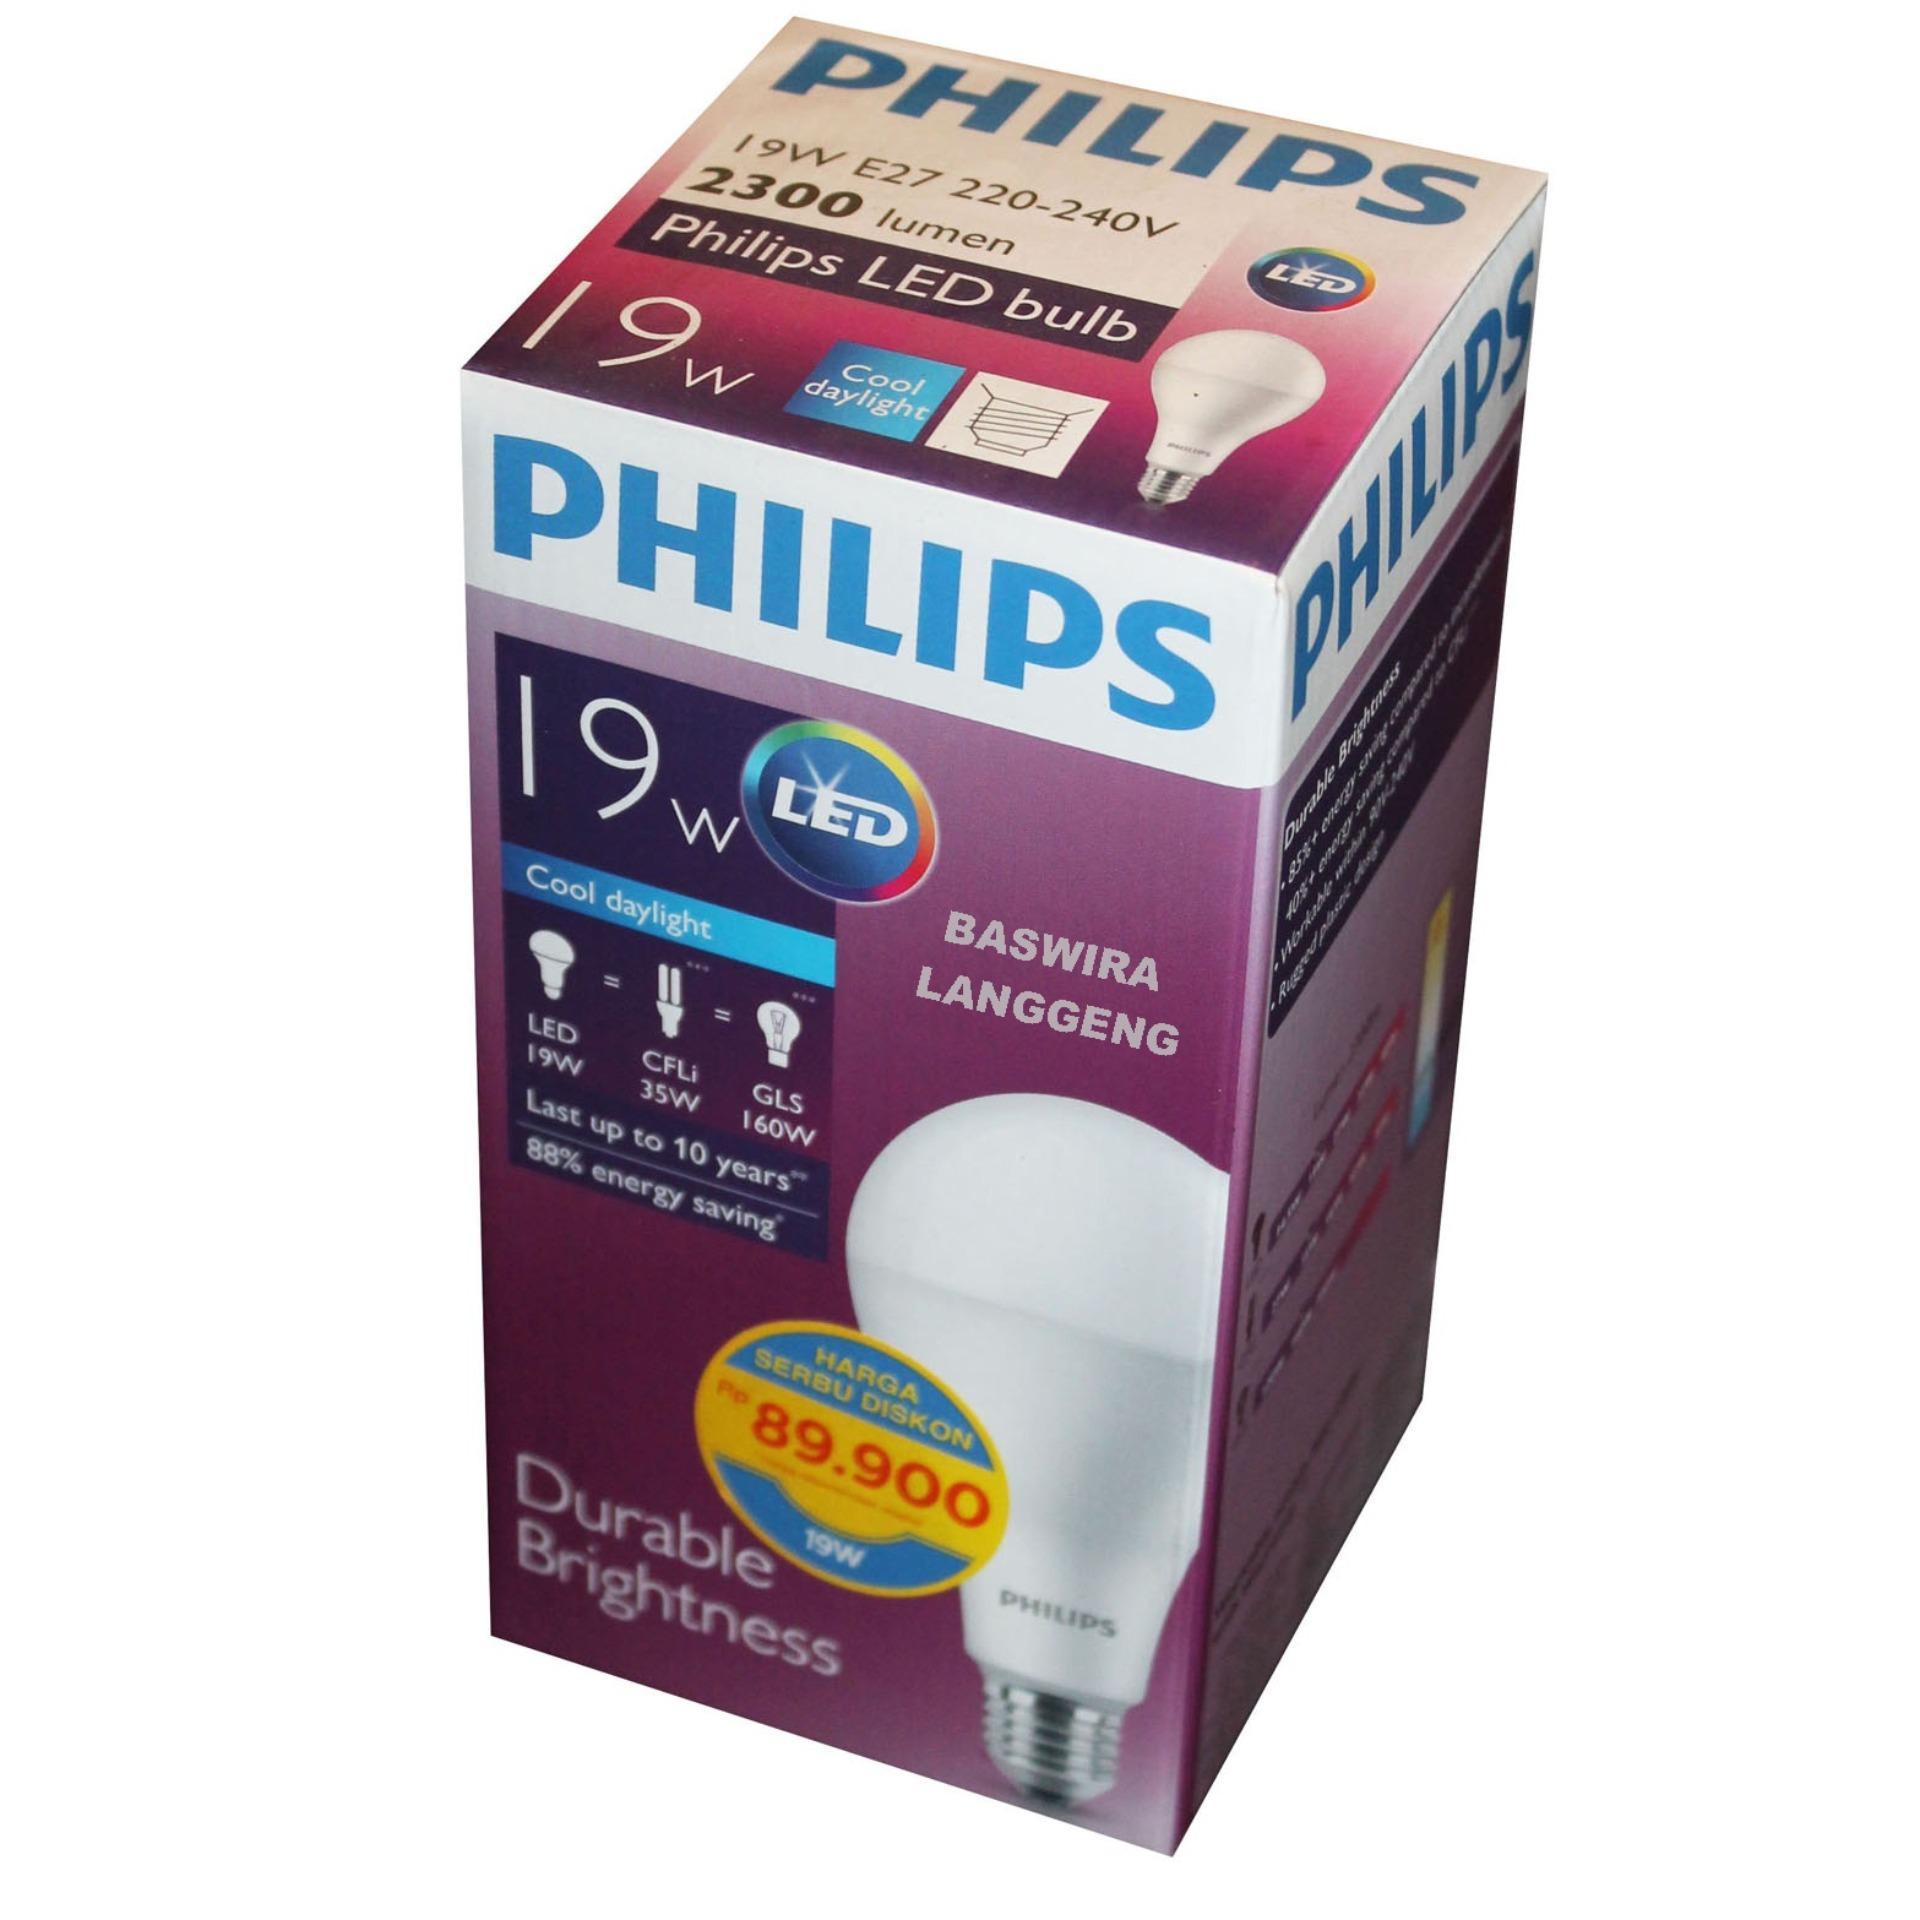 Jual Lampu Philips Terbaik Terbaru Led Bulb 13 Watt 6500k Paket 3 Gratis 1 19 W 19wat 19w Putih